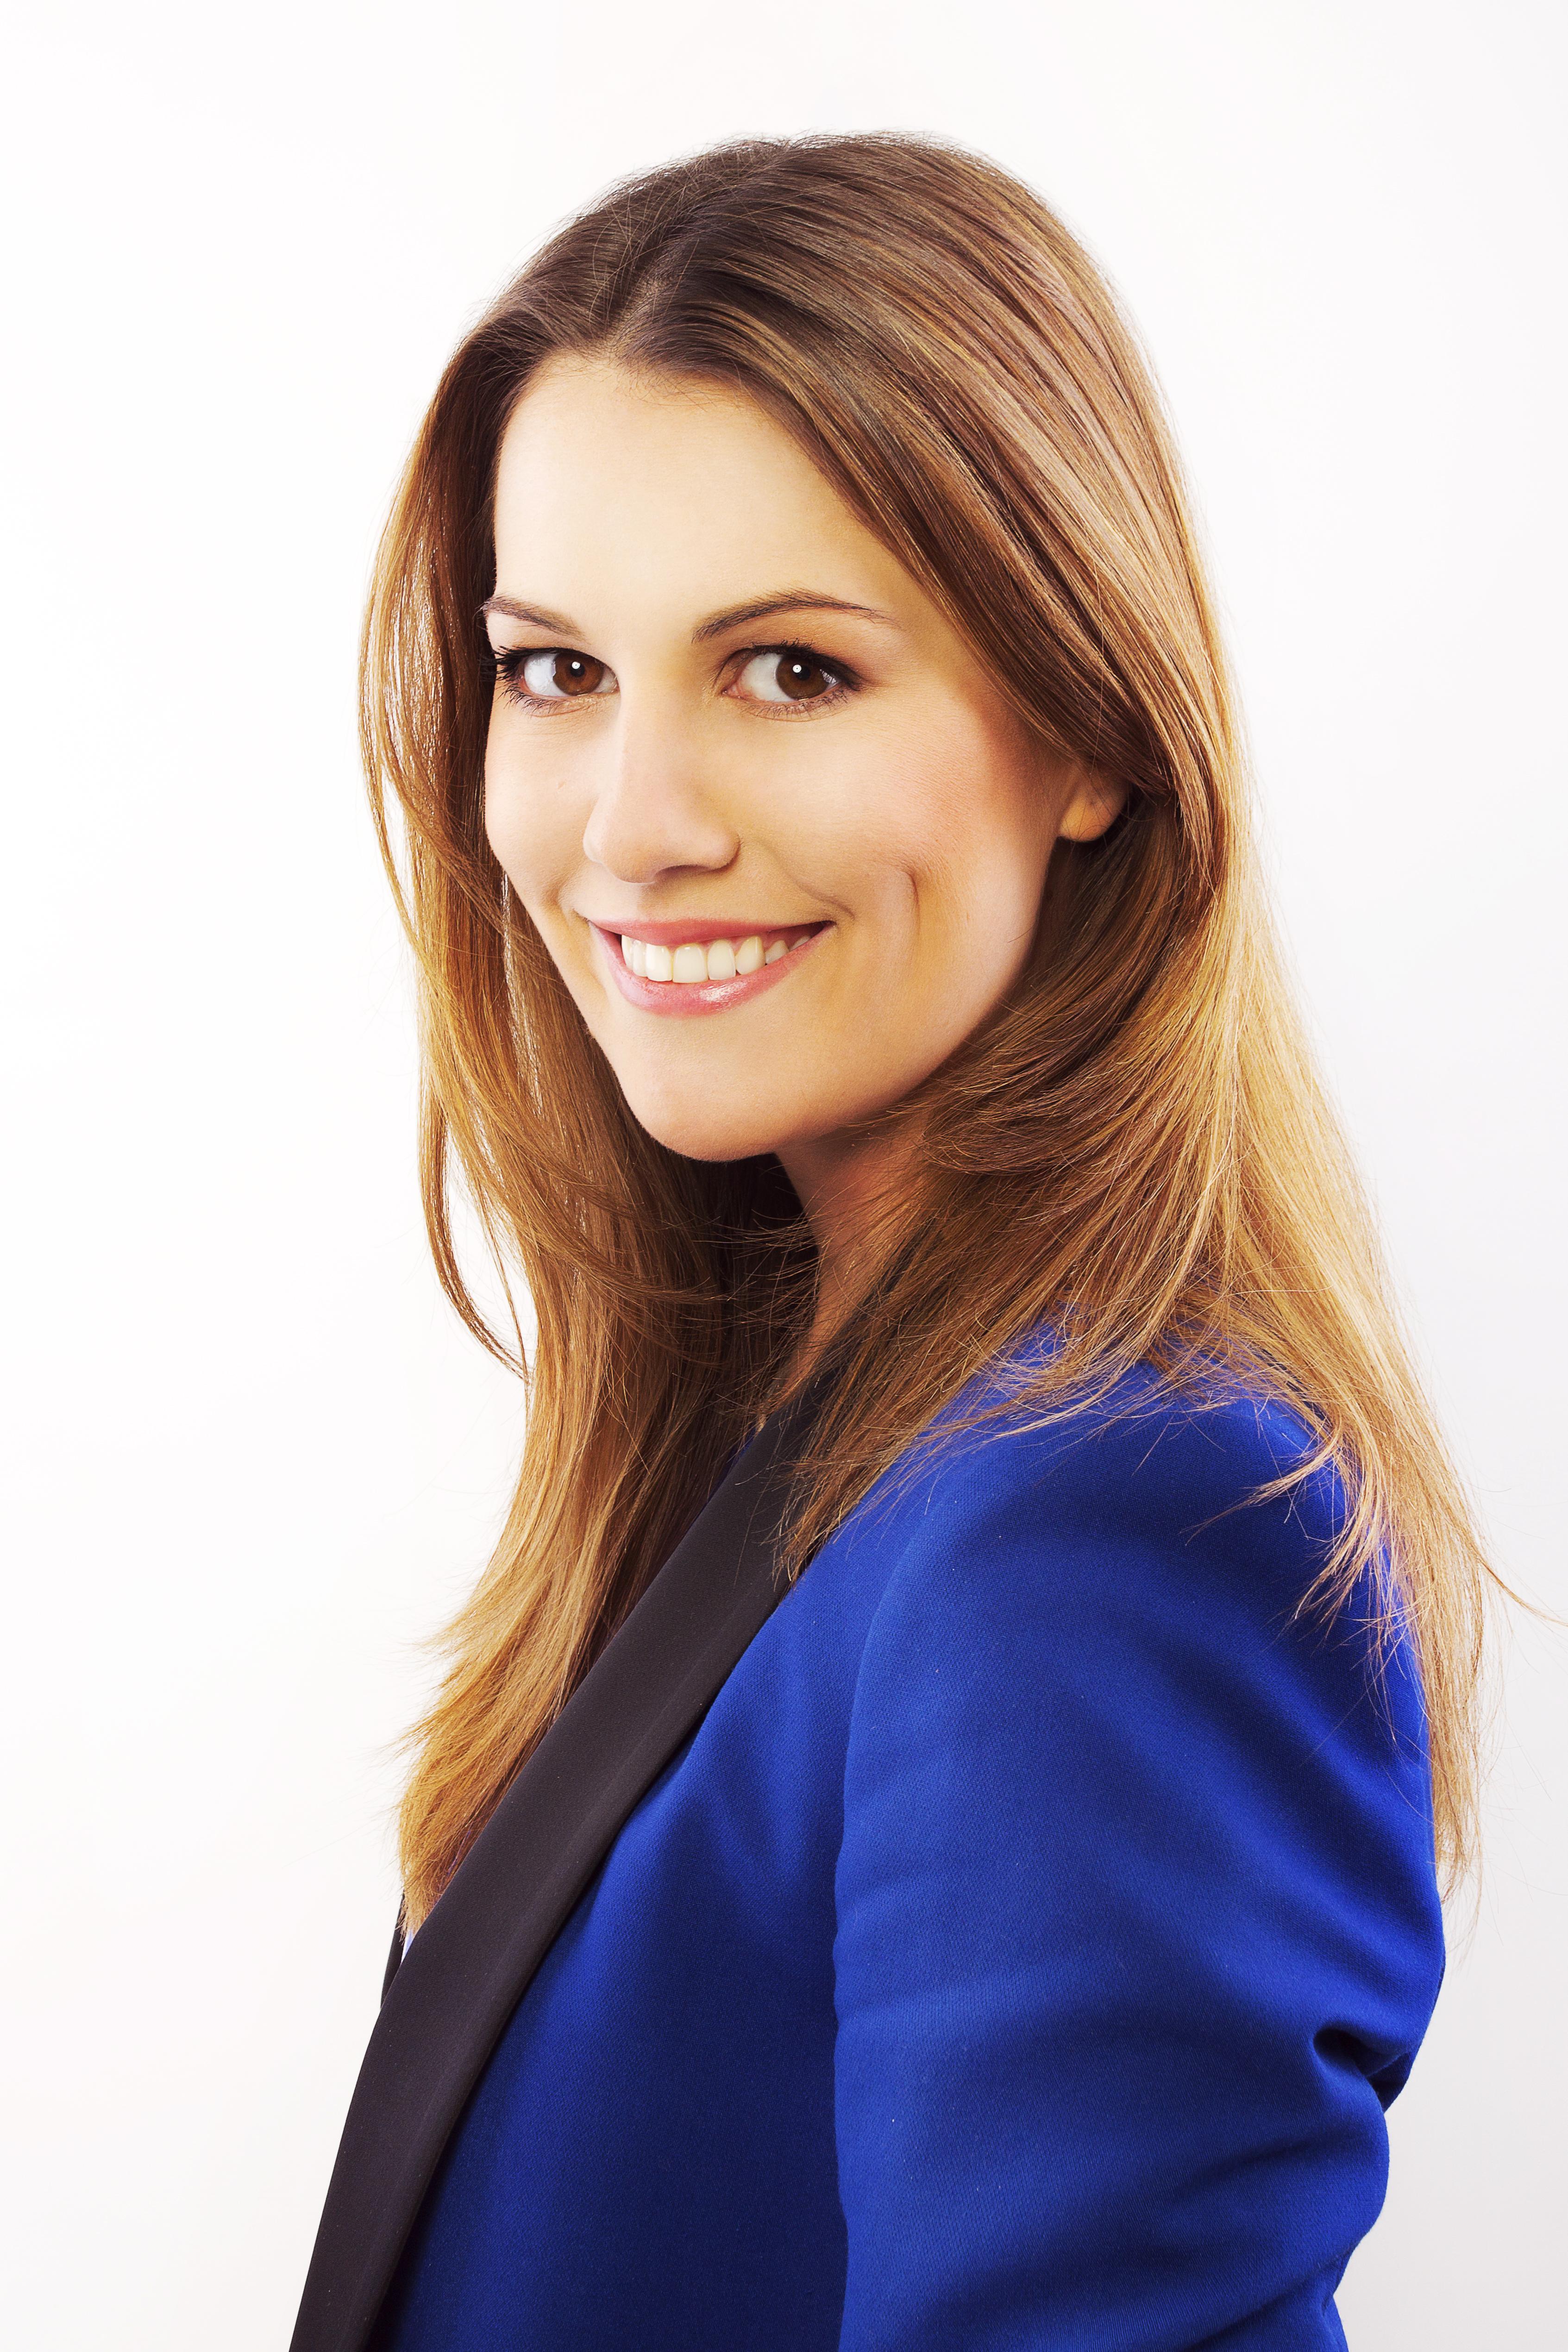 Radí vizážistka Barbora Nevická ze společnosti Beauty Bar.